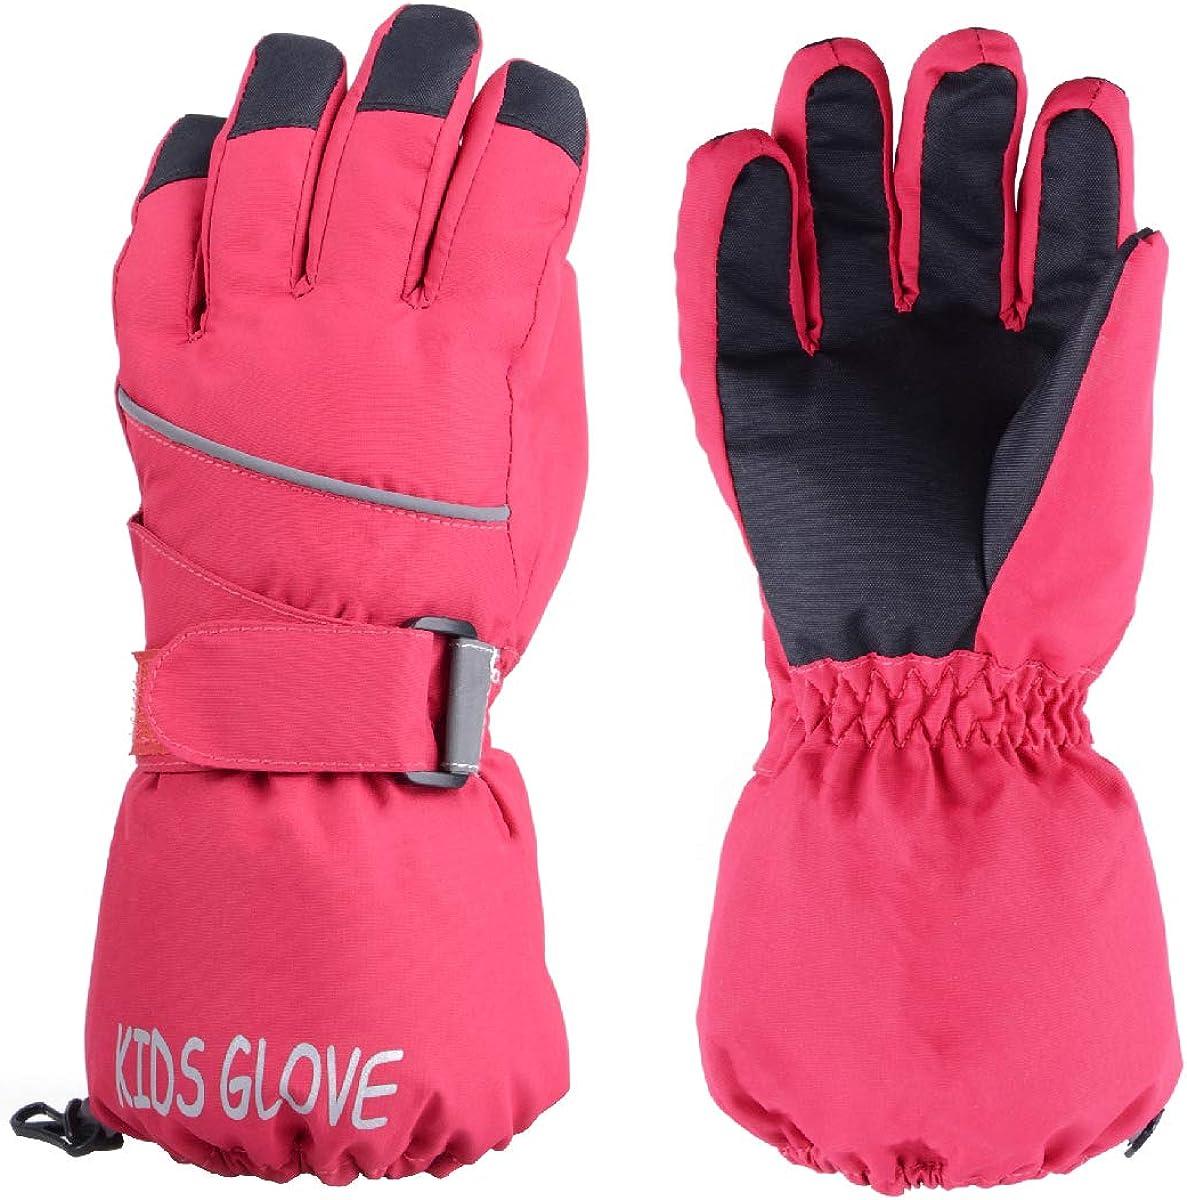 Warme und Winddichte Skihandschuhe f/ür Laufen Skifahren Wandern Snowboard TRIWONDER Kinder Handschuhe